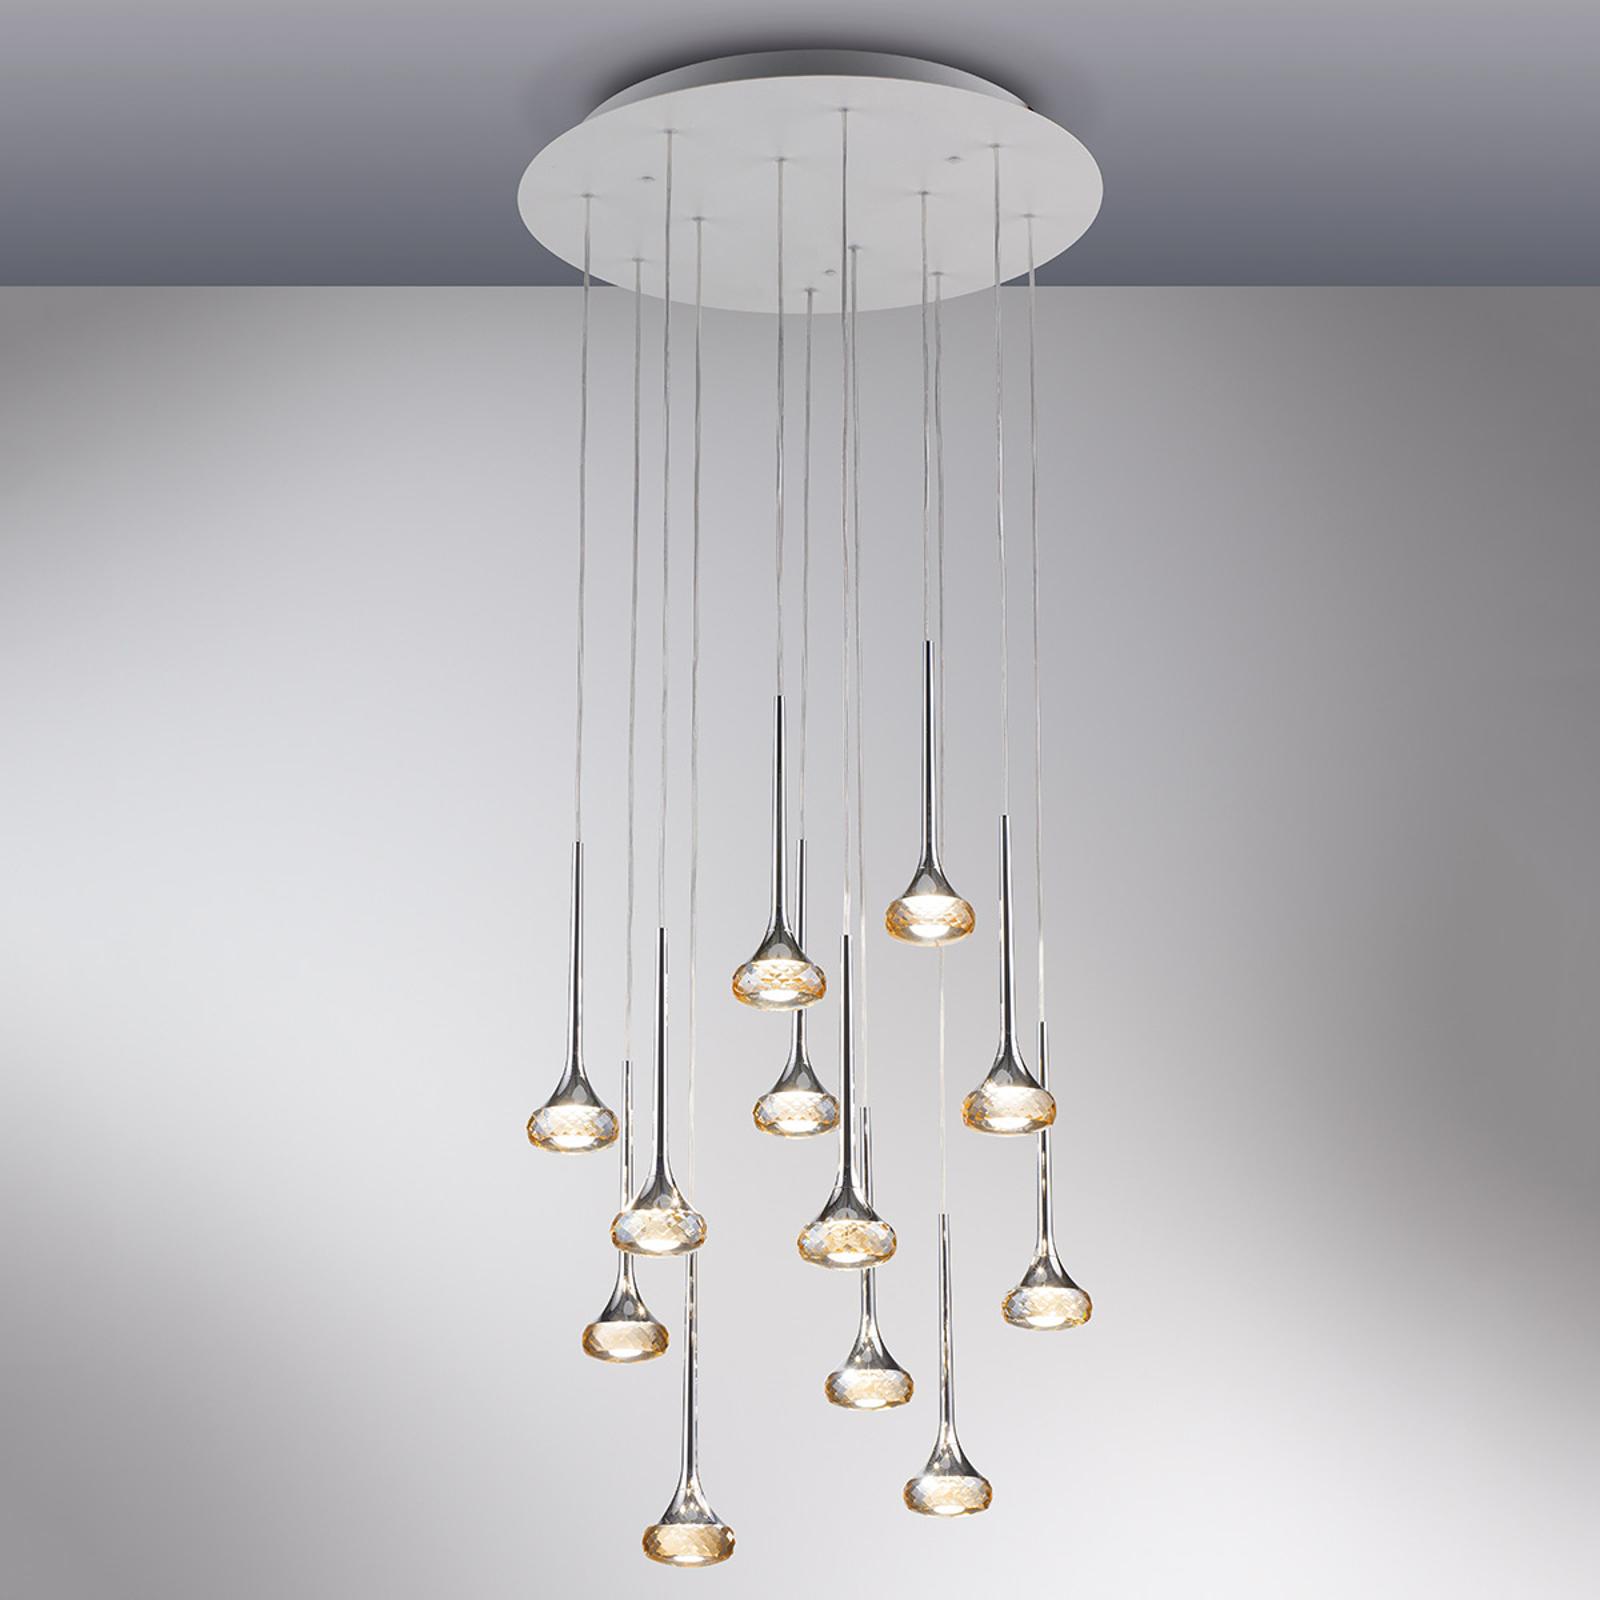 Suspension LED à 12 lampes Fairy, ambre